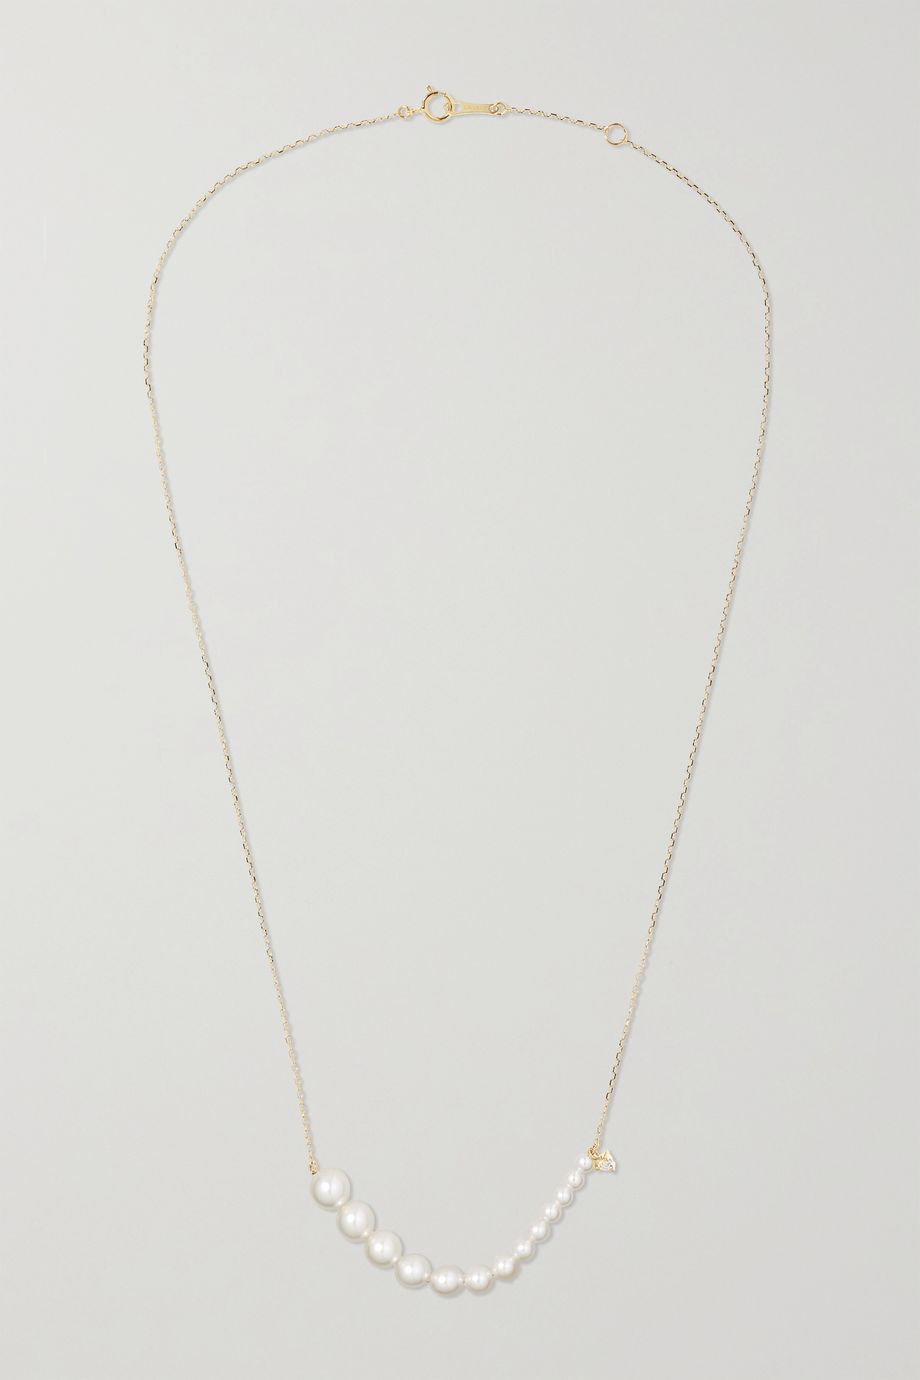 Mizuki 14K 黄金、钻石、珍珠项链